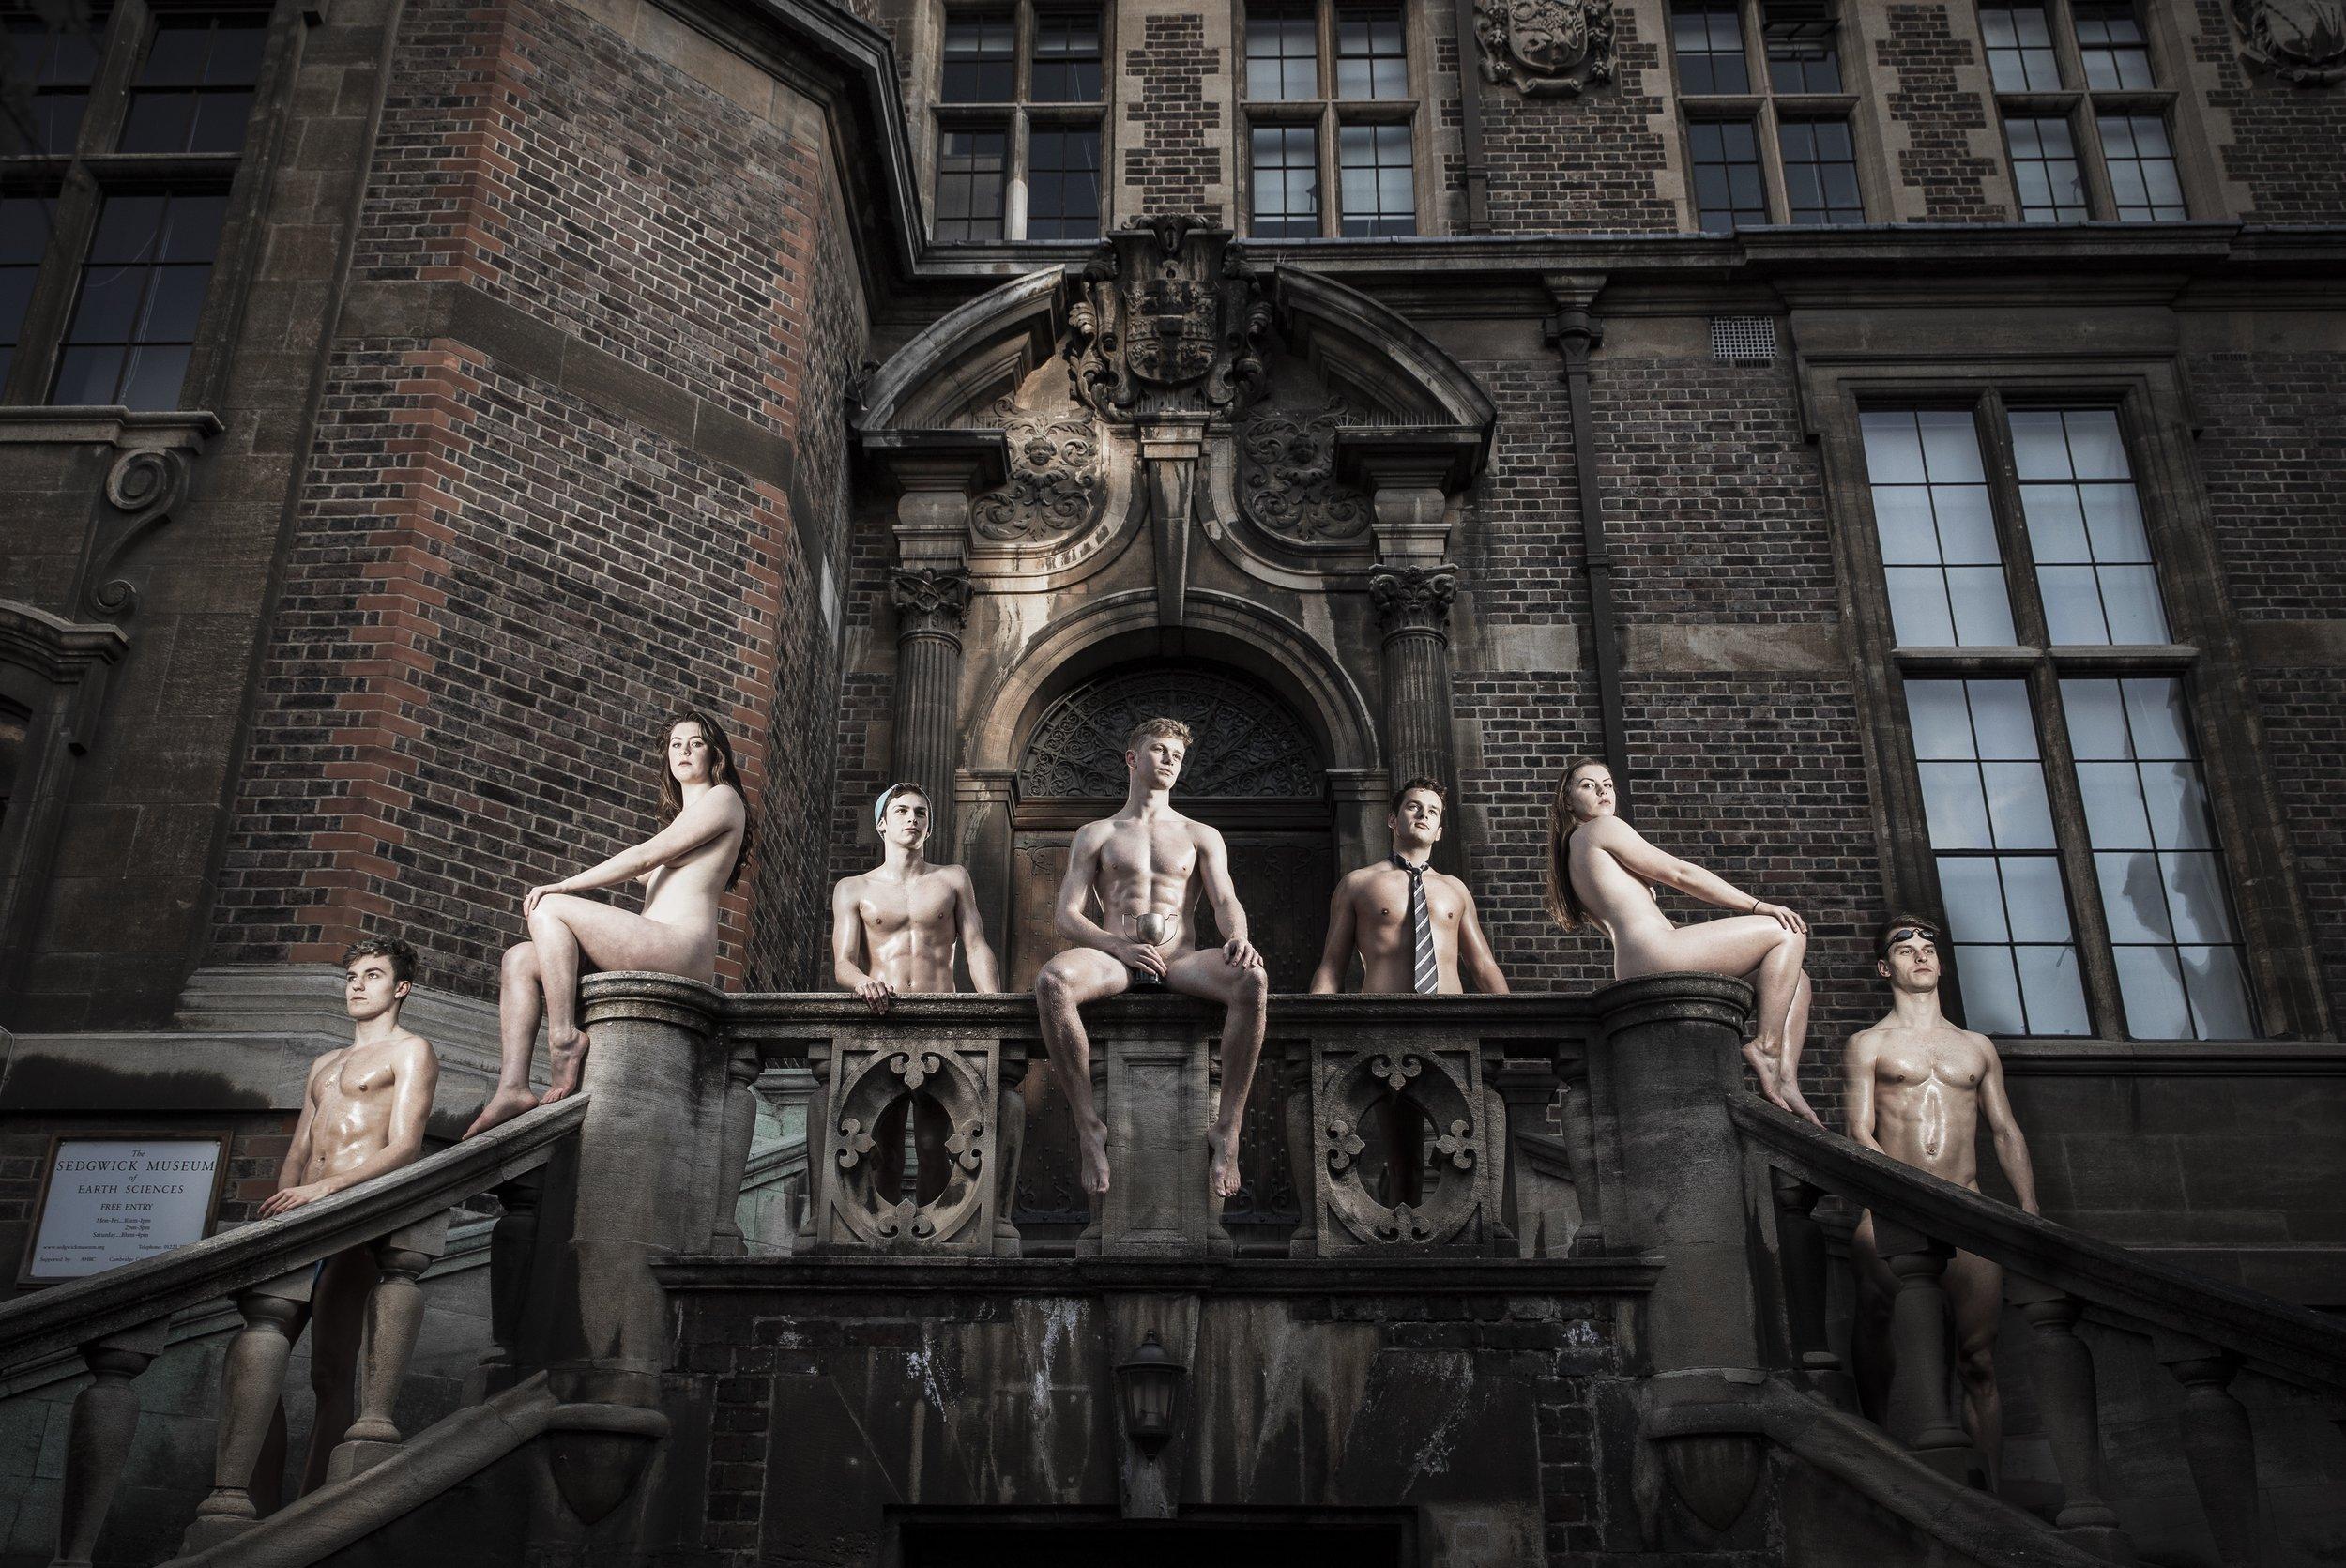 ต่างประเทศ มหาวิทยาลัยเคมบริดจ์